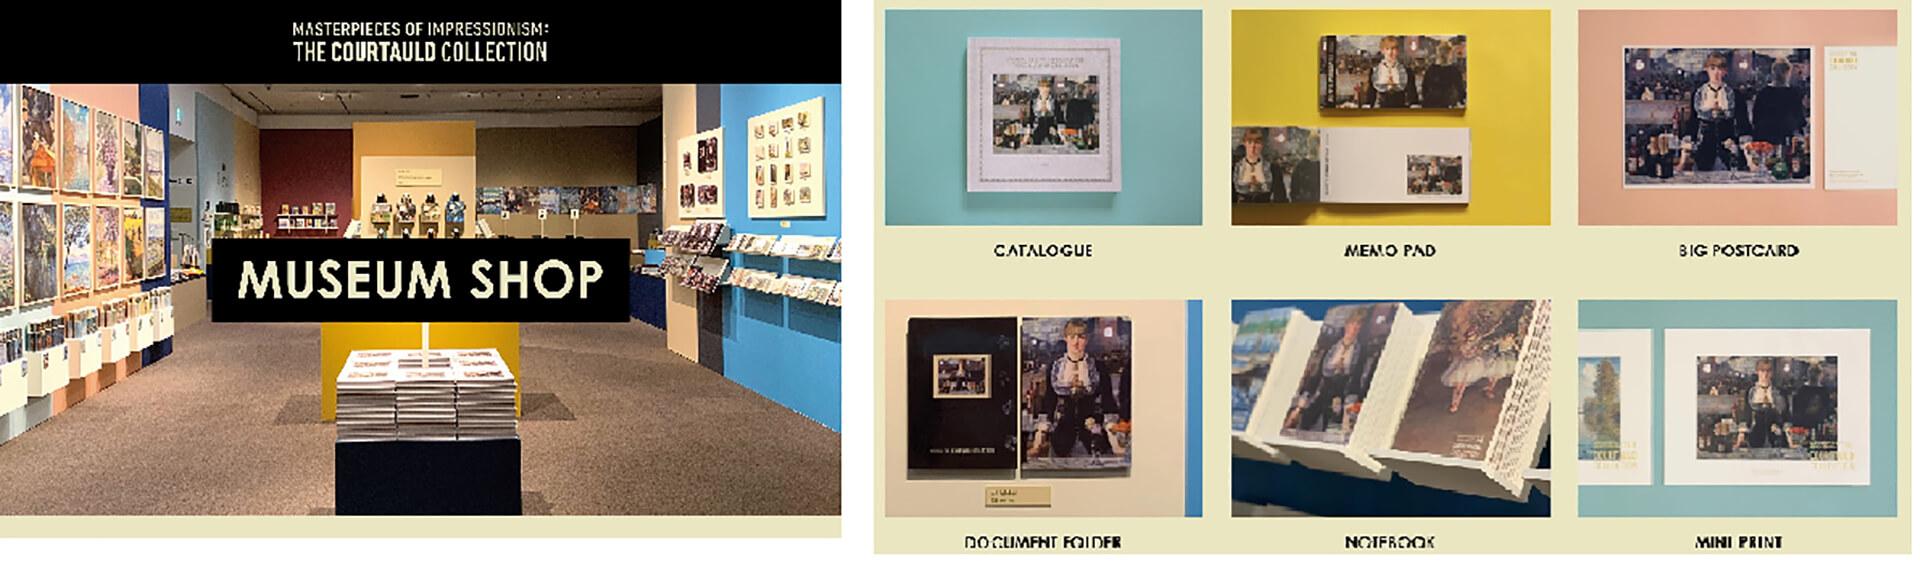 コートールド美術館展・展示映像公開 & オンラインミュージアムショップ